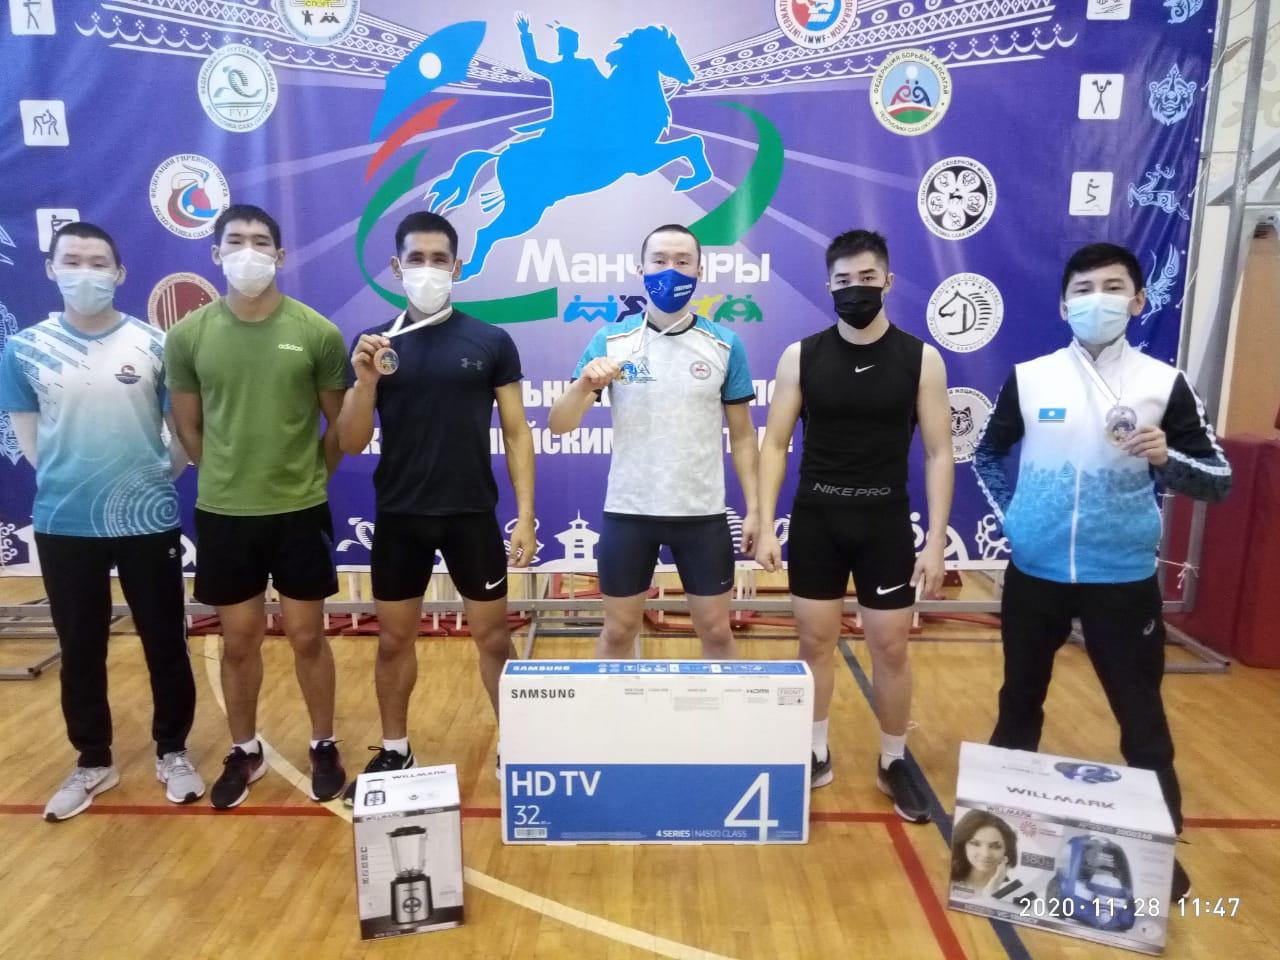 В Якутске состоялись состязания по северному многоборью «Игры народов Севера»